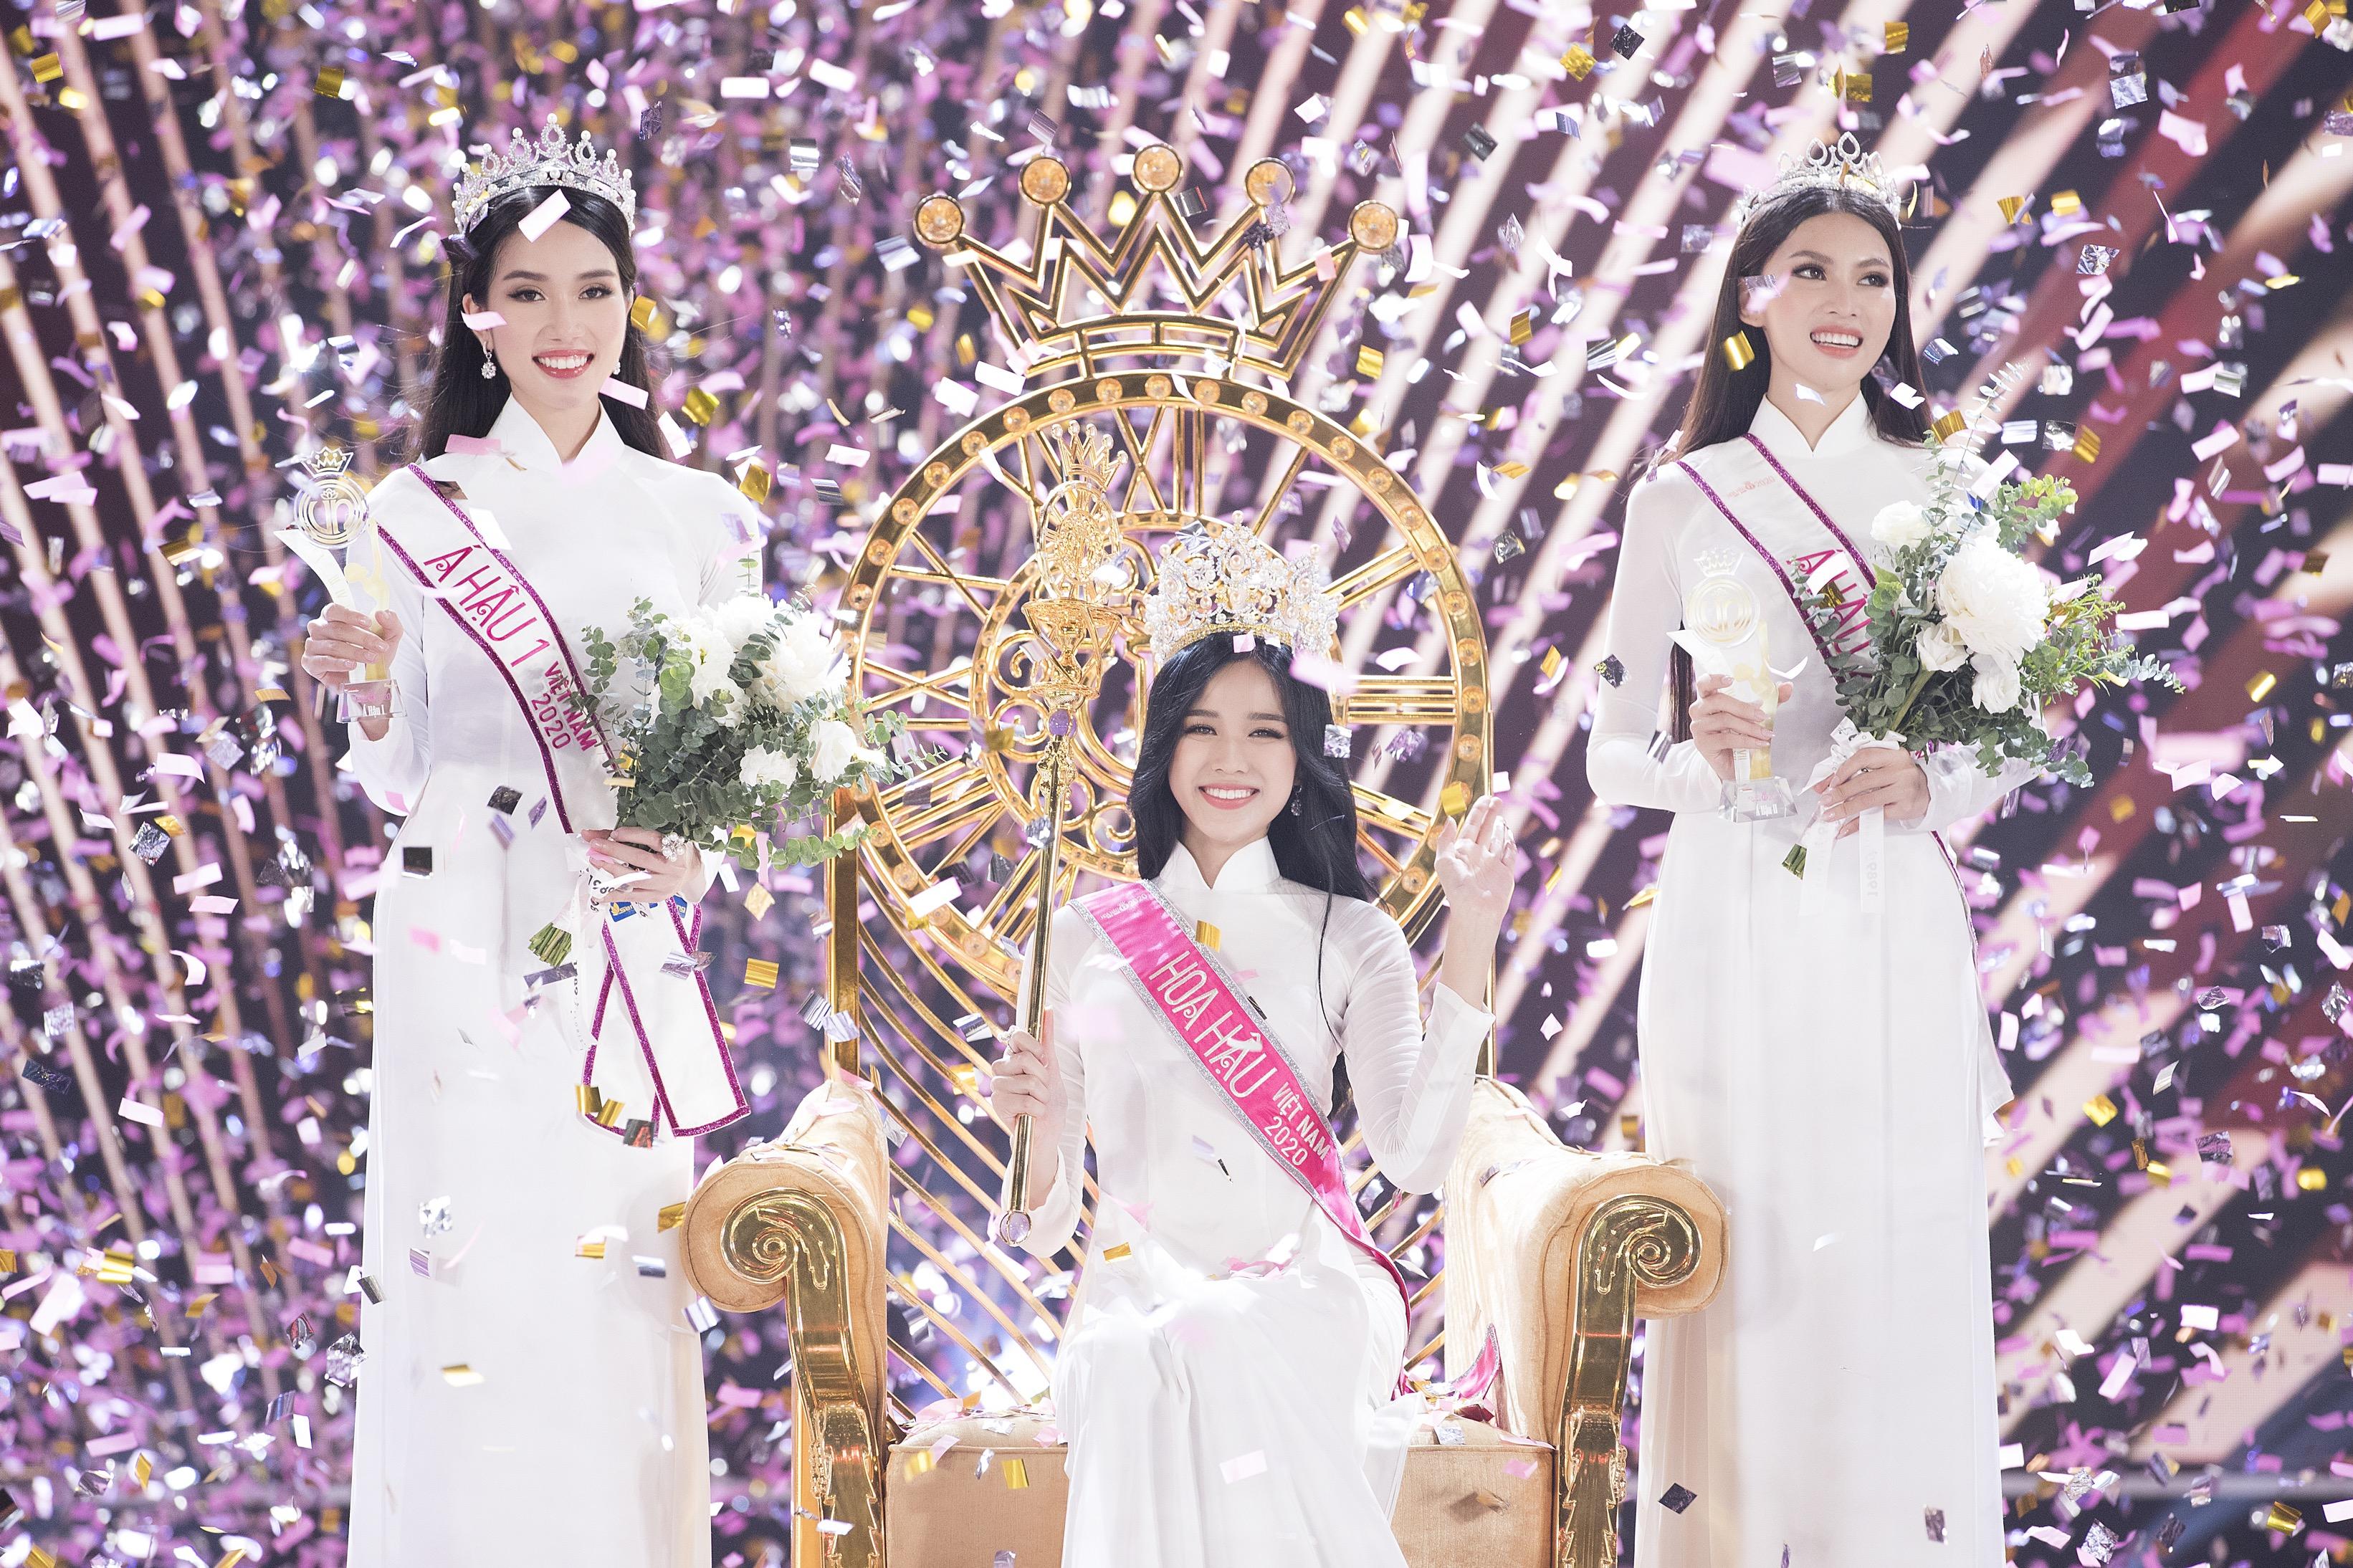 Hoa hậu Đỗ Thị Hà lần đầu lên tiếng về scandal nói tục, đáp trả nghi vấn BTC dàn xếp kết quả 0